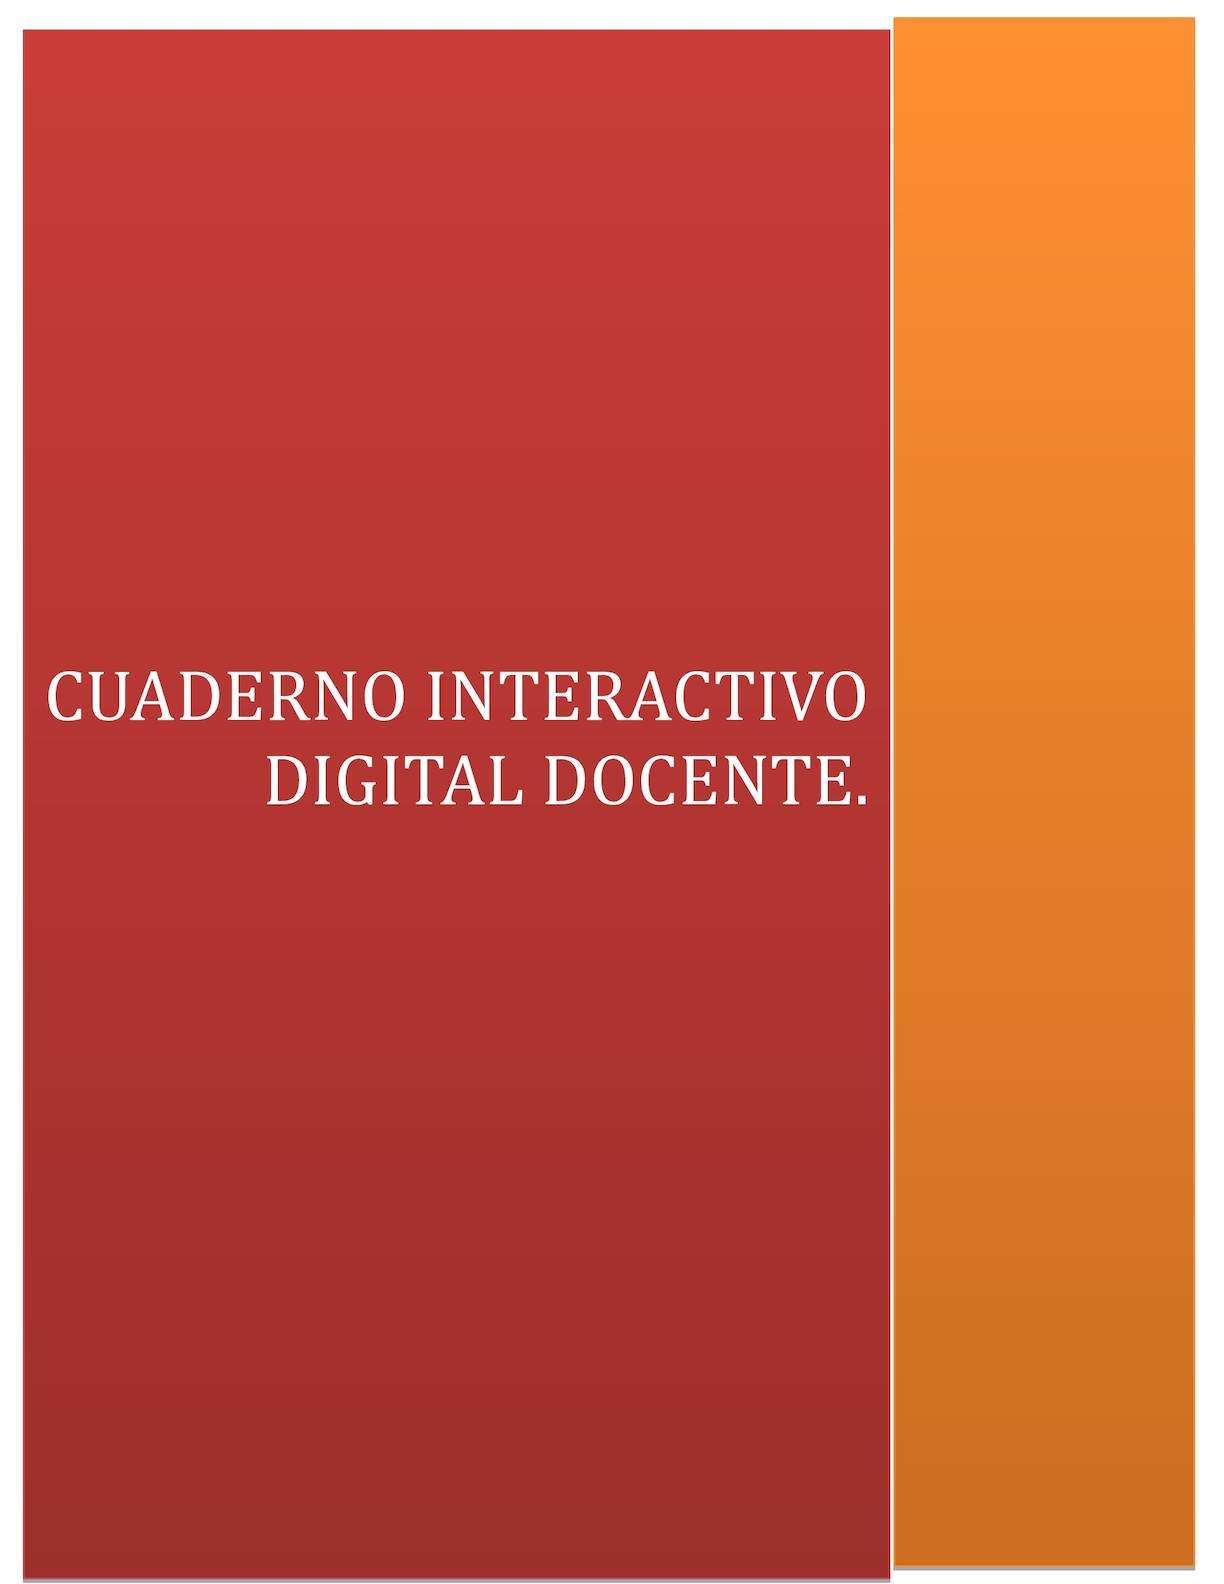 Cuaderno Interactivo Digital Docente